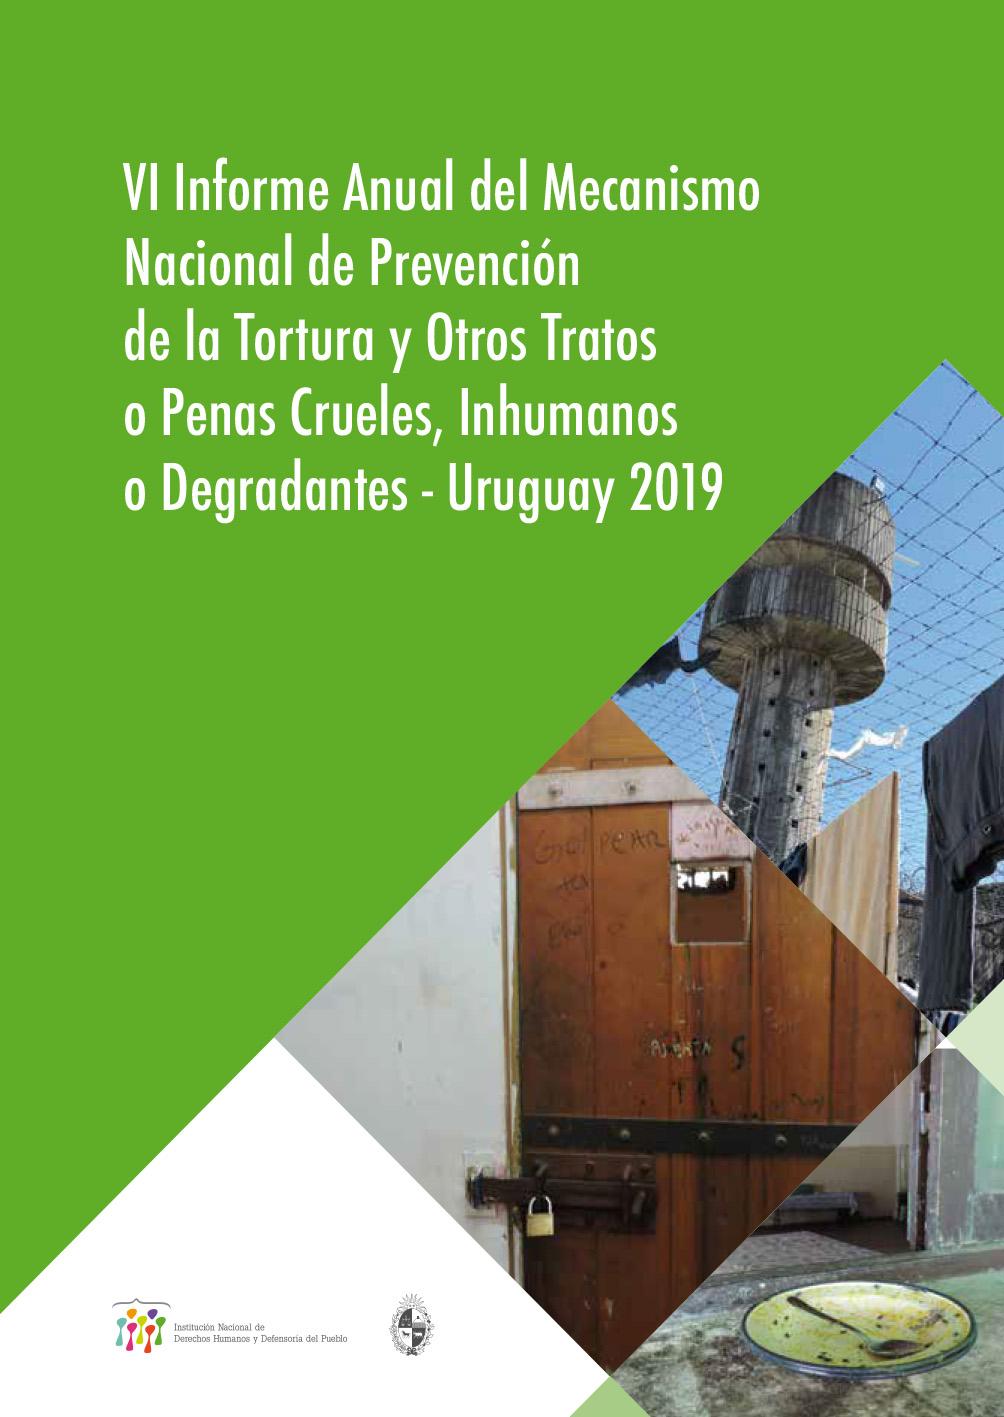 Informe 2019 Mecanismo de Prevención de la Tortura